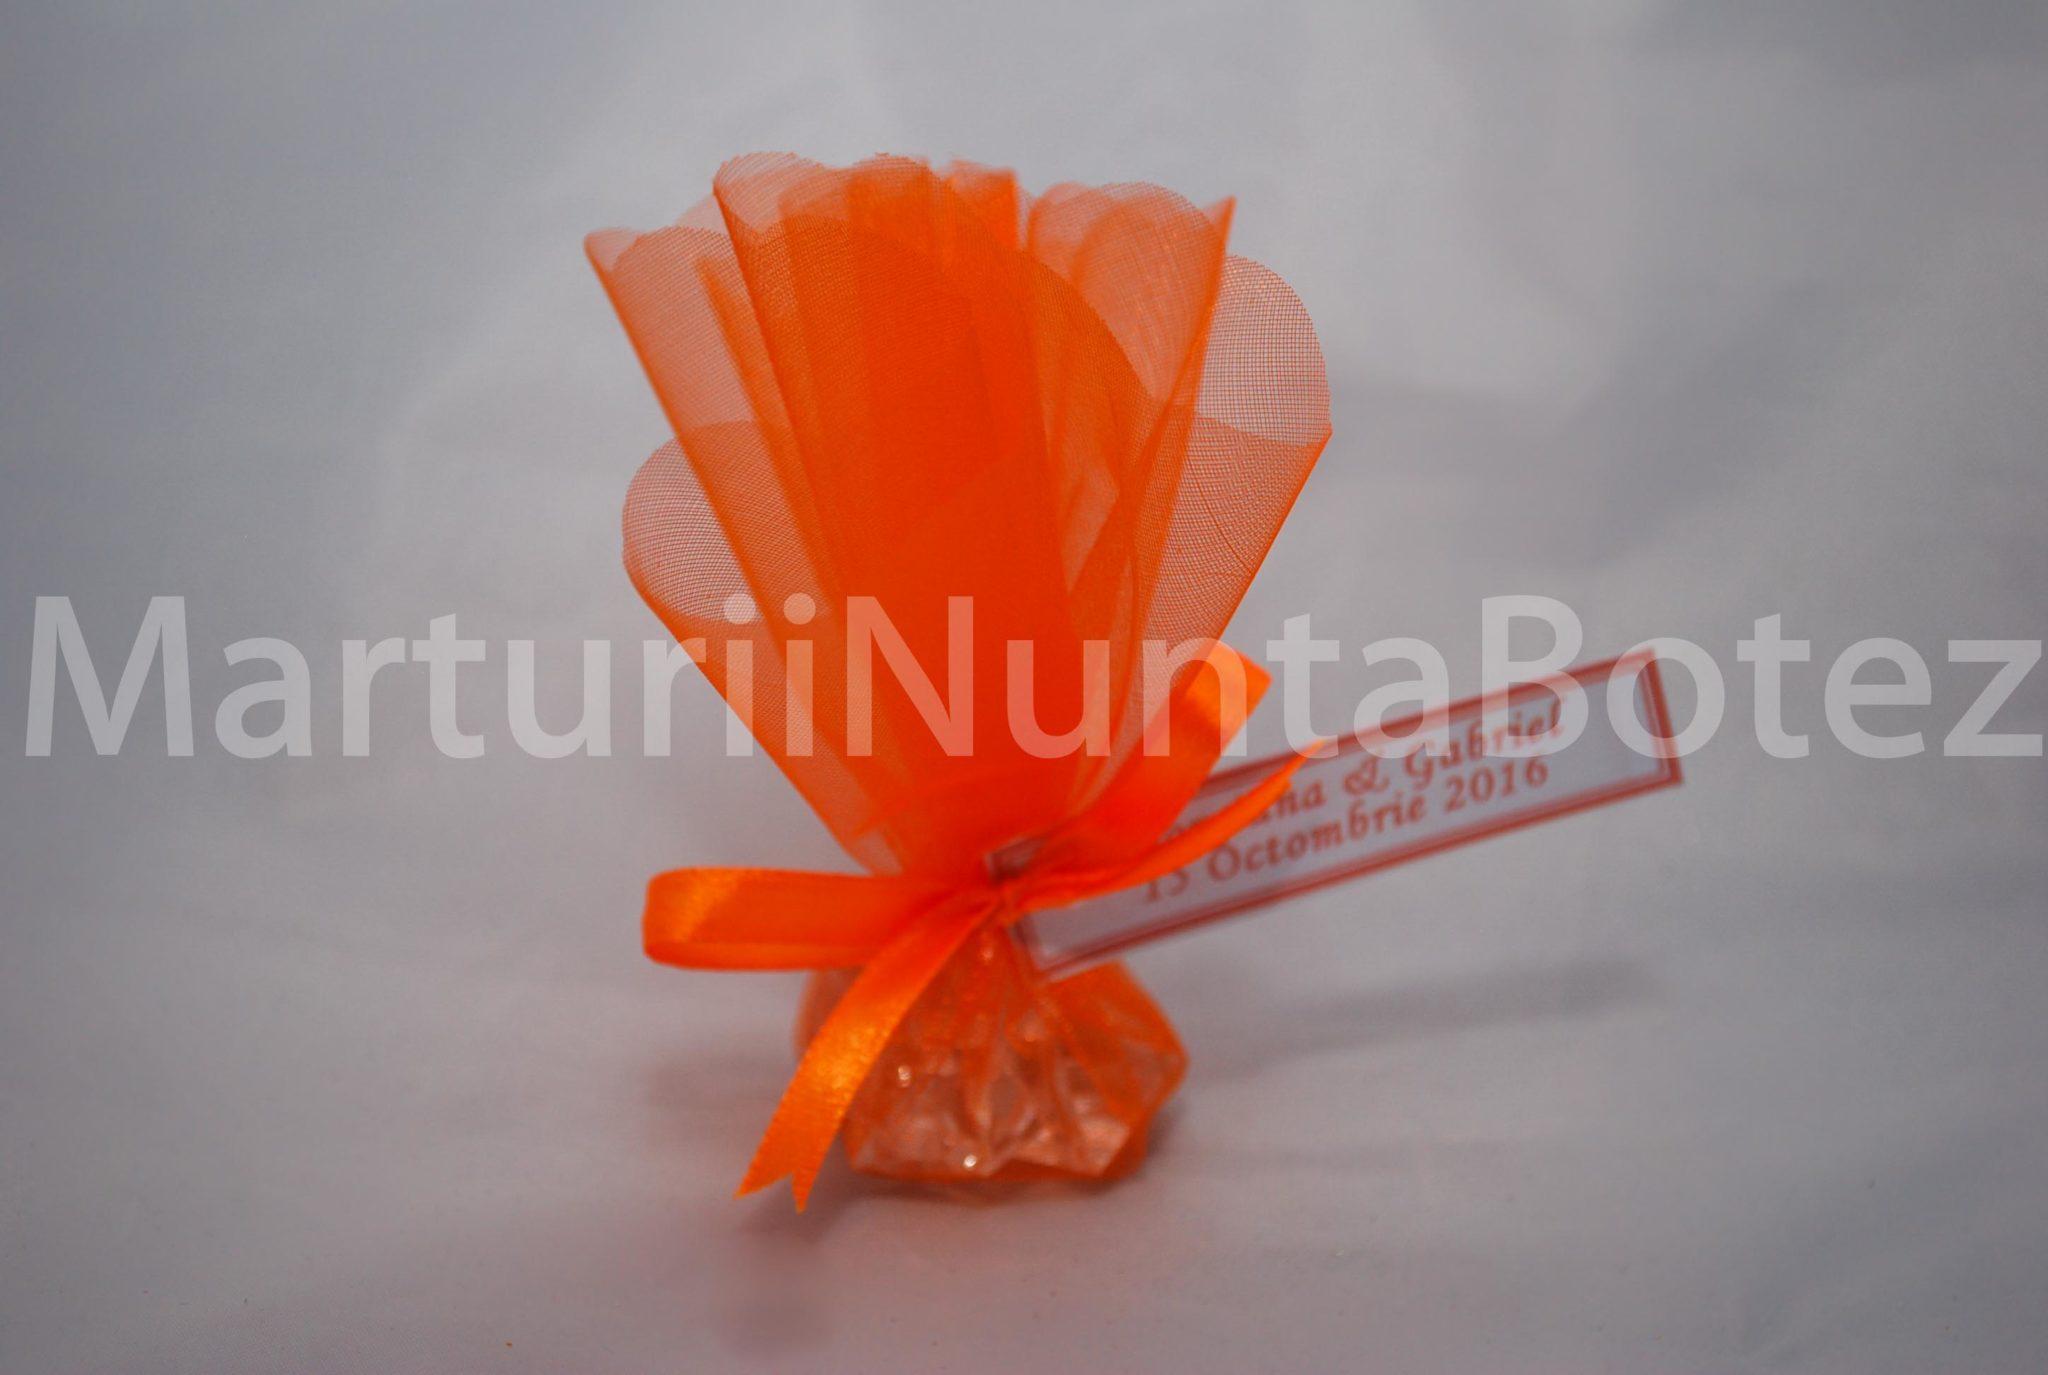 marturii_nunta_marturie_botez_discheta_cu_arahide_sau_pietre_decorative_ieftin4